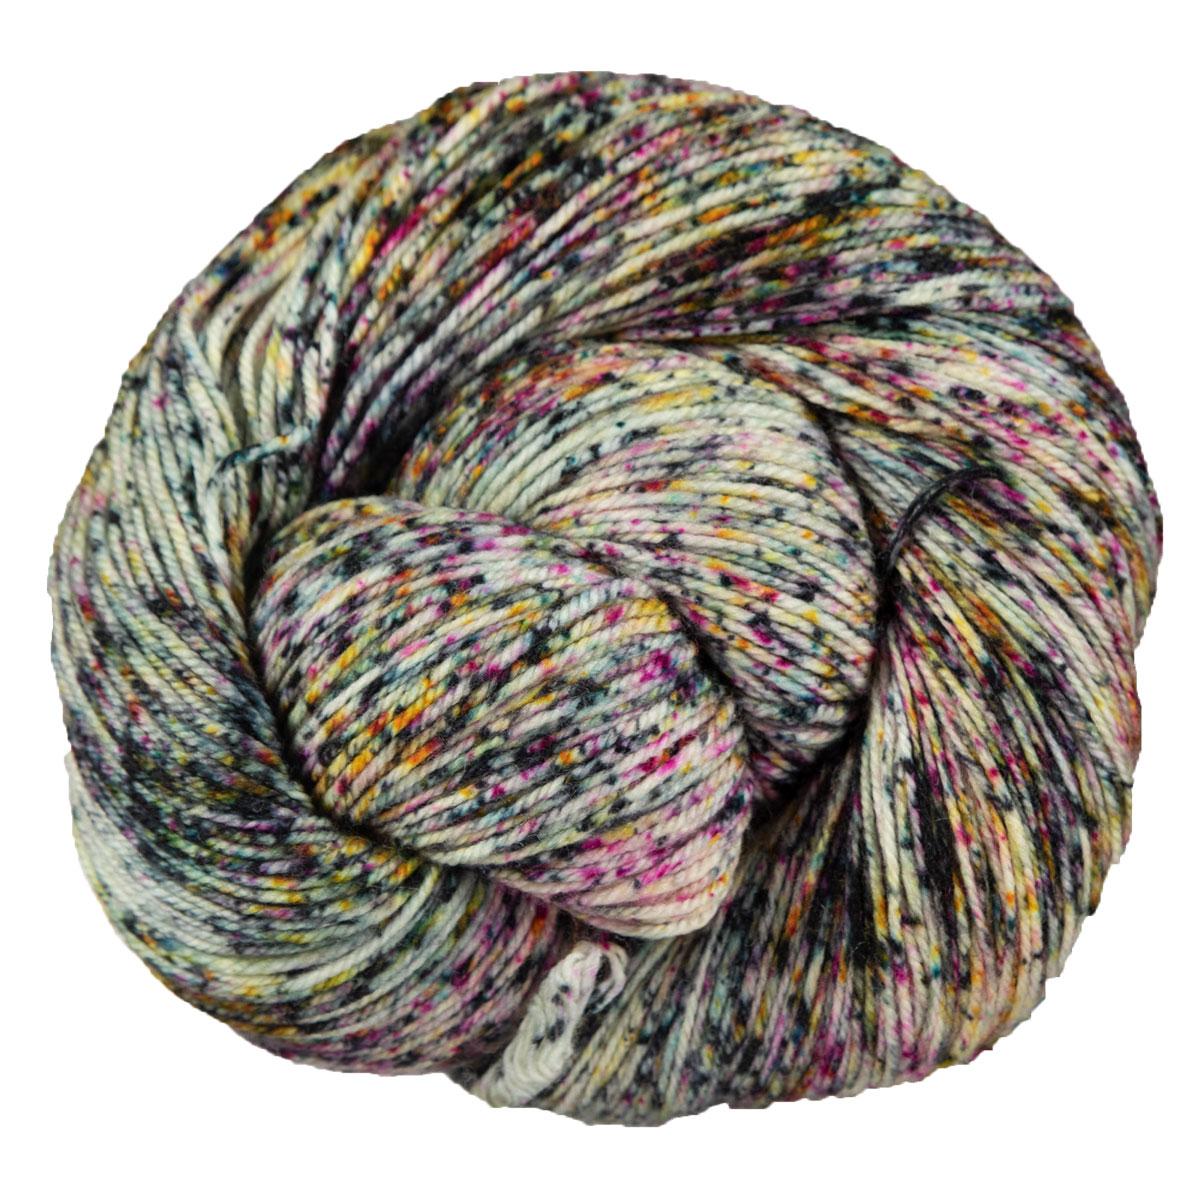 731 Baco Malabrigo Sock Superwash Merino Knitting Yarn Wool 100g